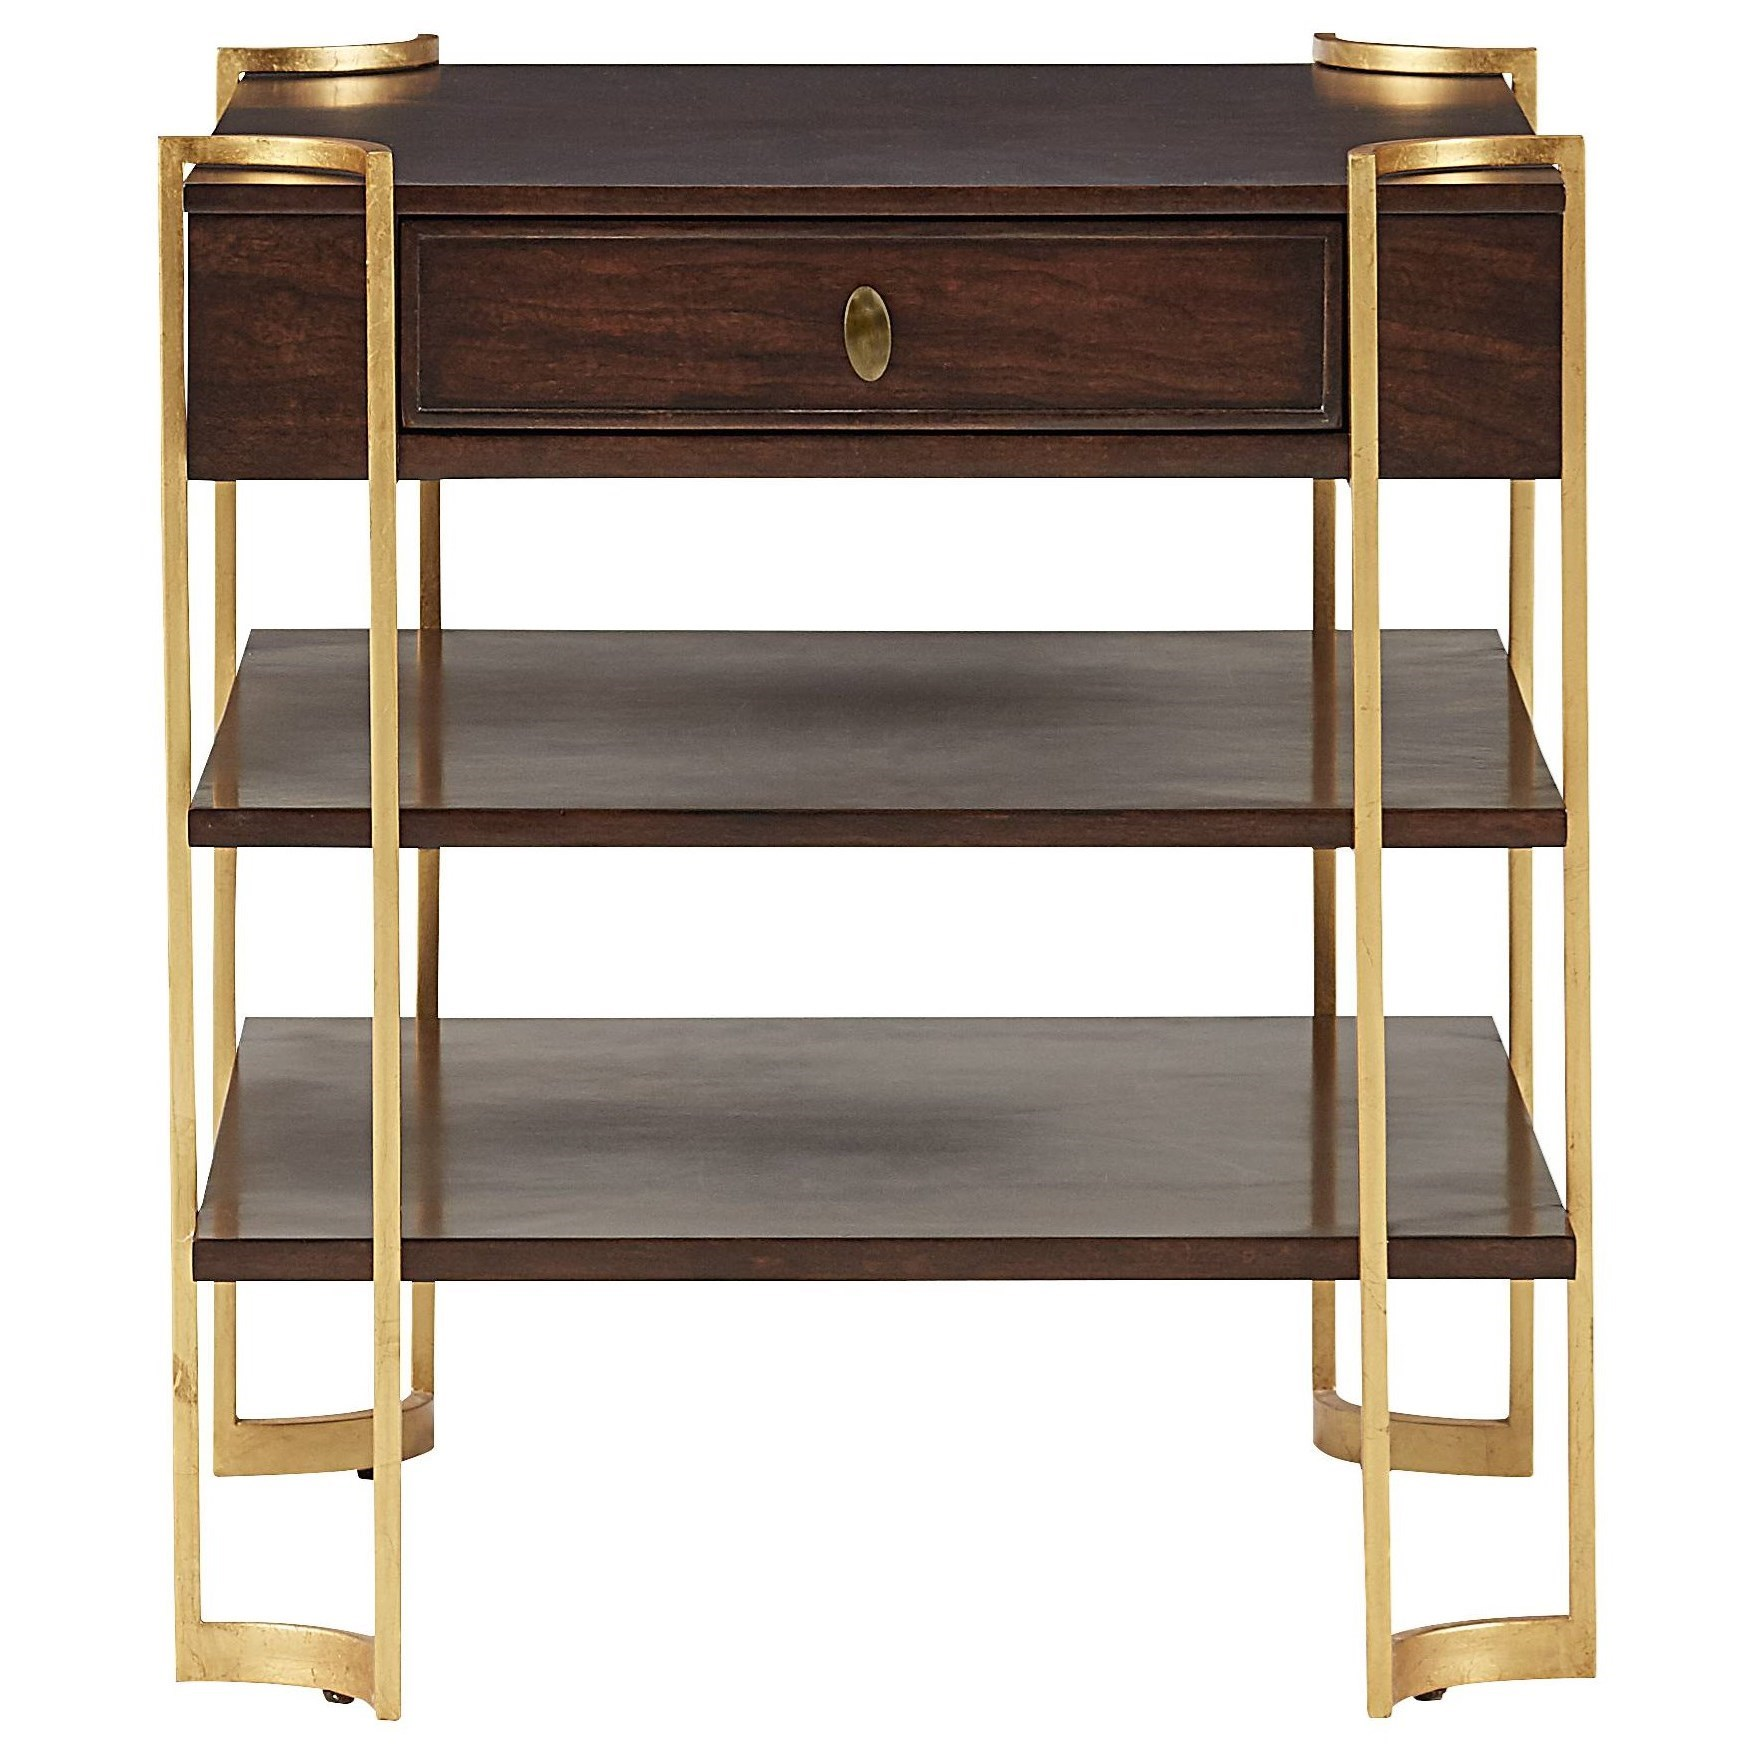 Stanley furniture virage drawer end table belfort for Stanley furniture